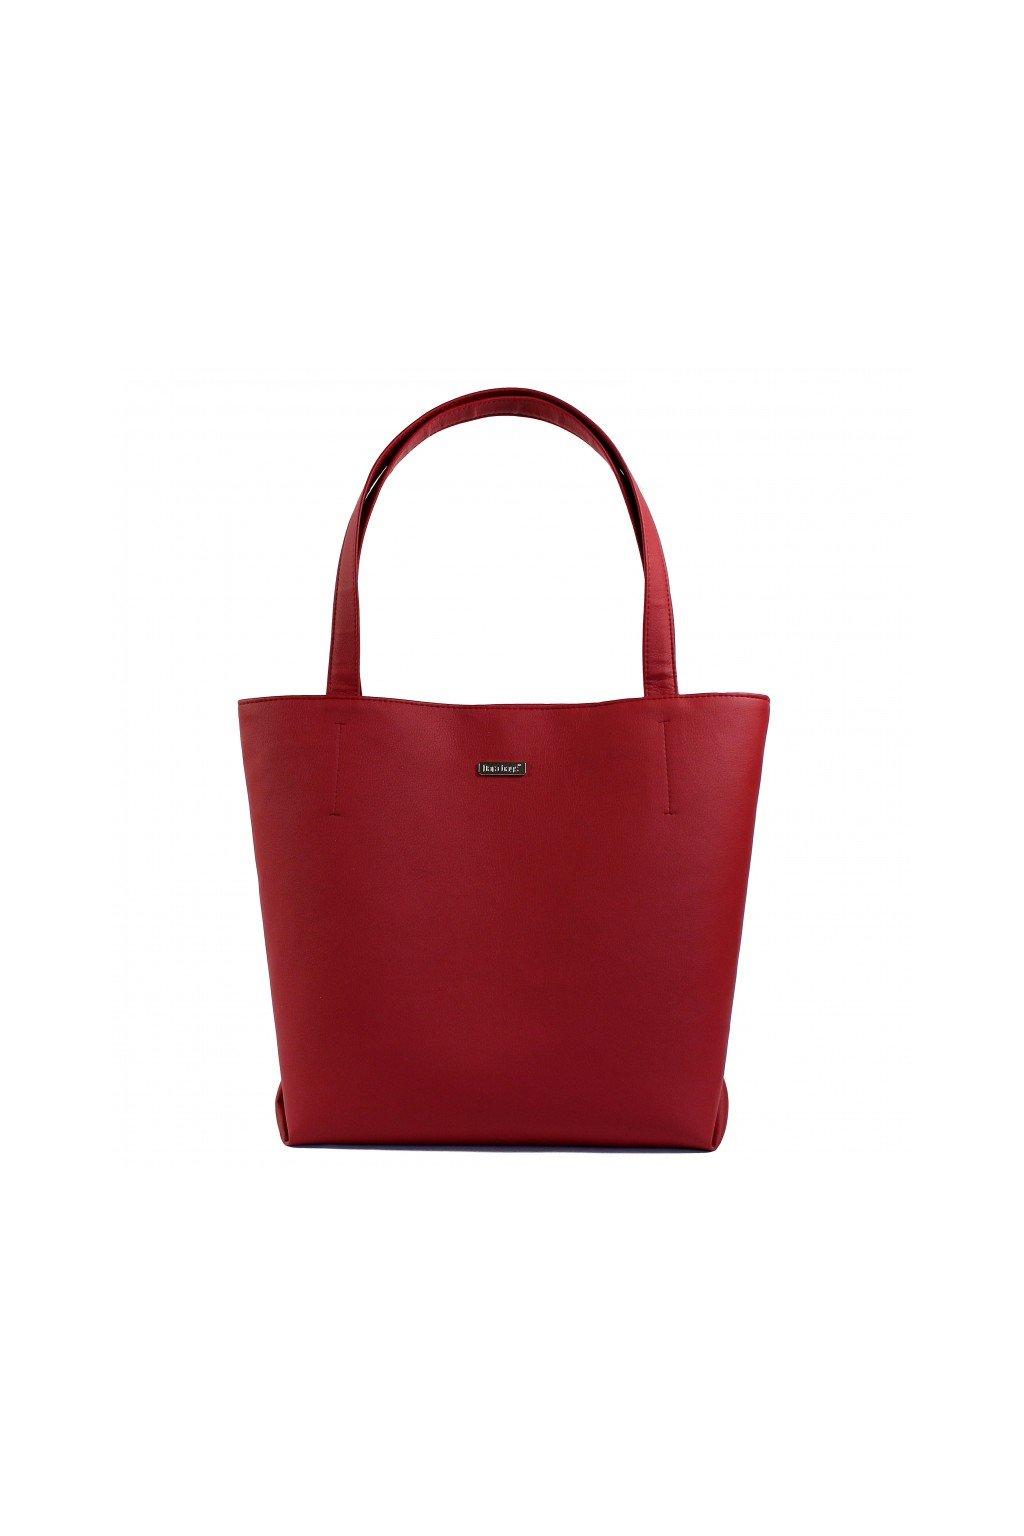 Cervena kabelka Emma Middle Dara bags 1